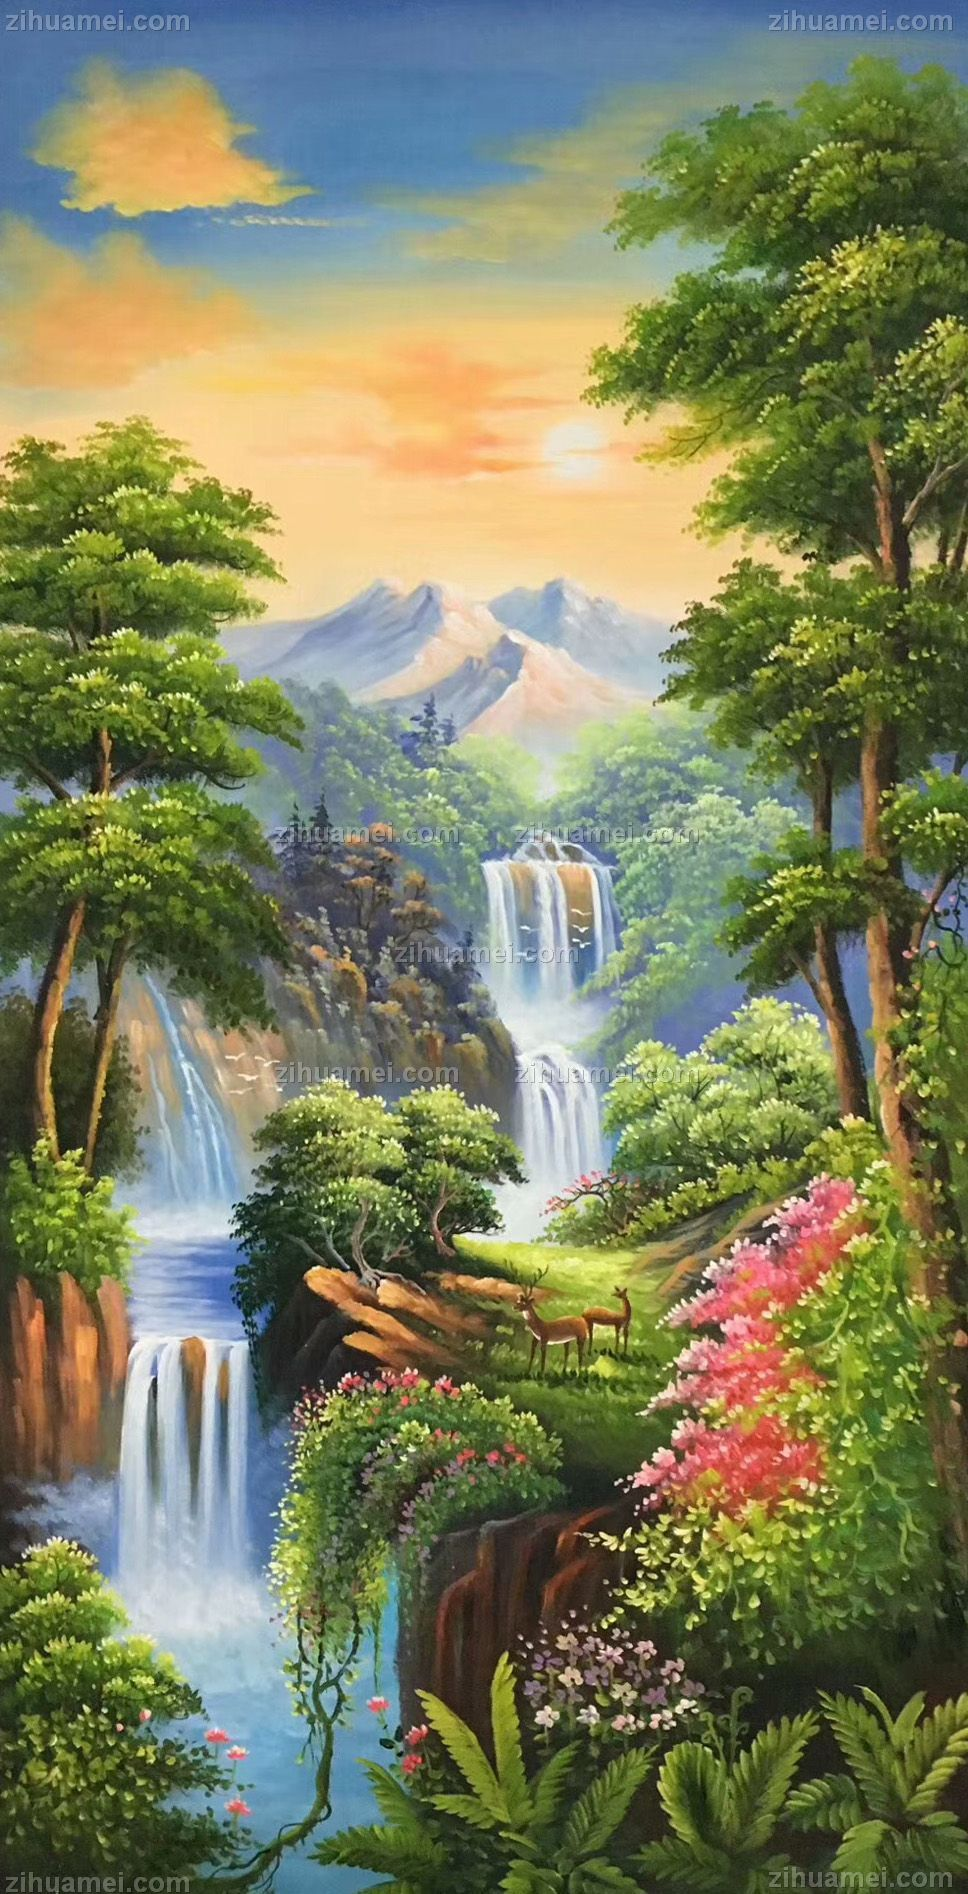 中国山水风景油画_手绘油画山水风景油画客厅玄关装饰画定制油画竖版-字画美